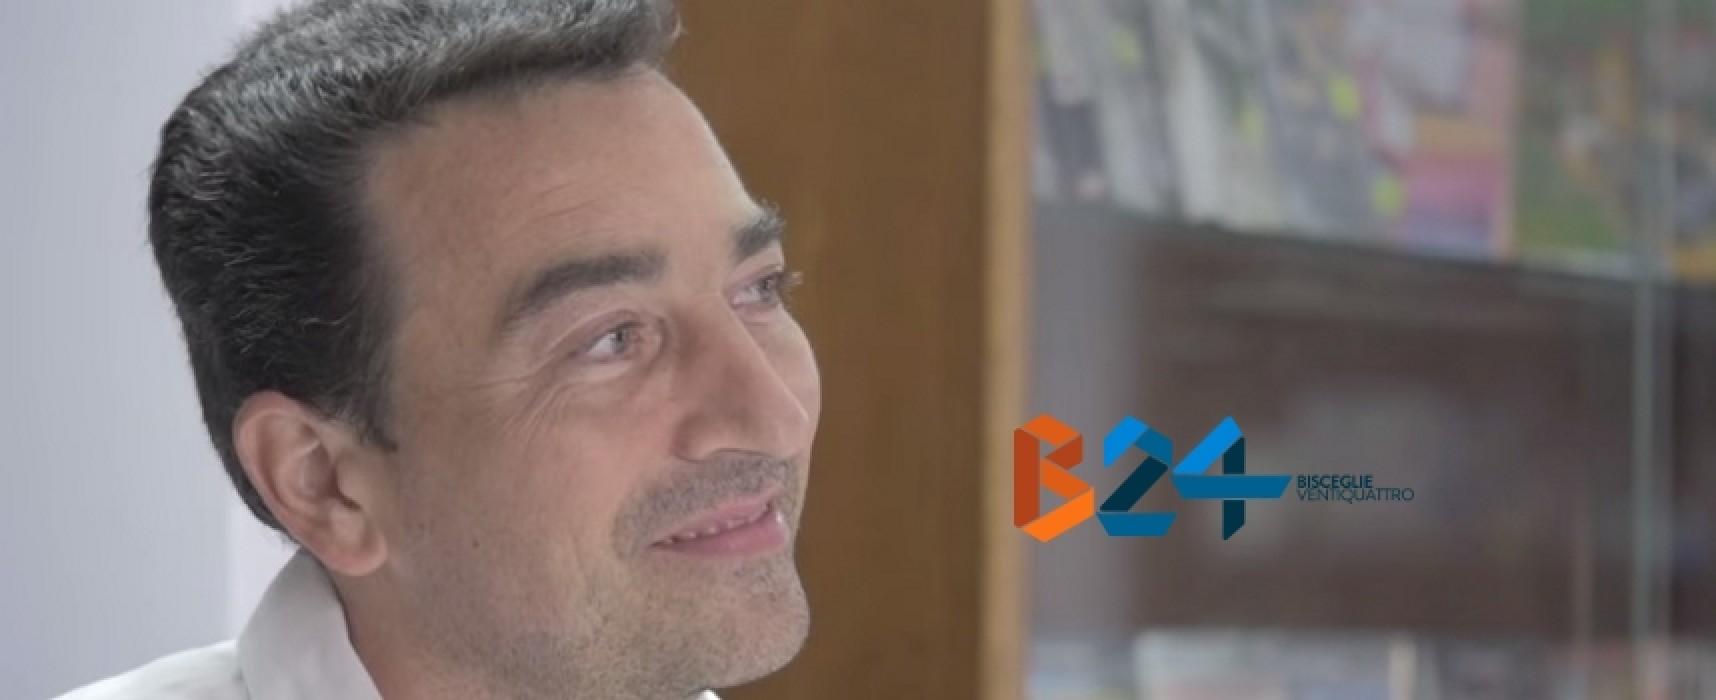 """Antonio Lafranceschina: """"Grazie a tutti voi oggi torno a sorridere"""" / VIDEO"""